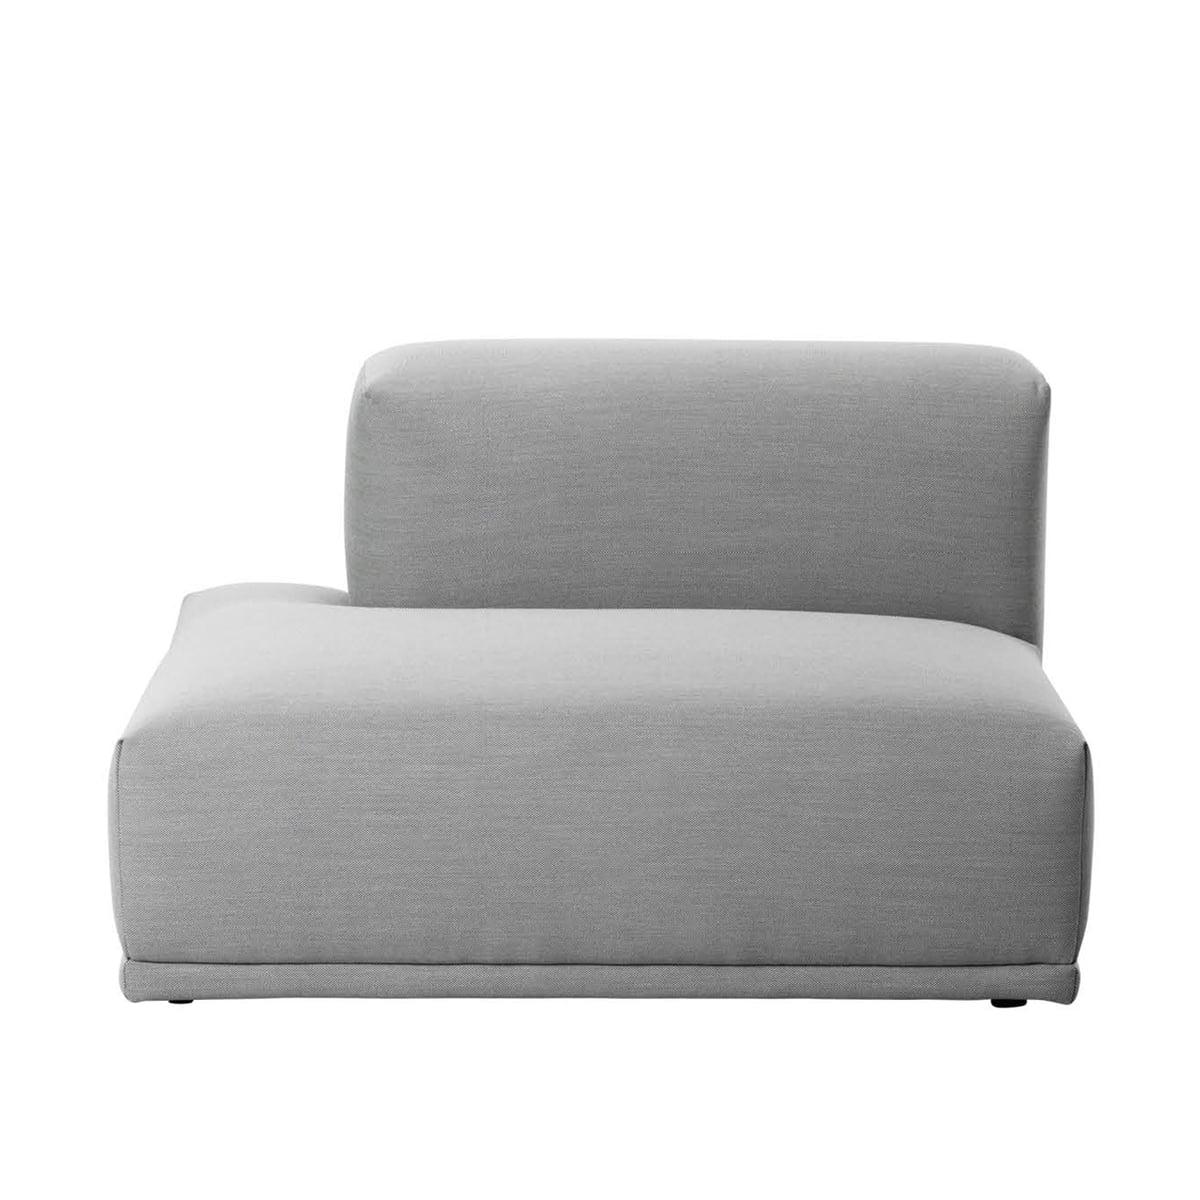 Muuto - Connect Sofa, offenes Endelement F (links), Remix hellgrau (123) | Wohnzimmer > Regale > Regalwürfel | Grau | Verbindungsklammern aus metall | Muuto